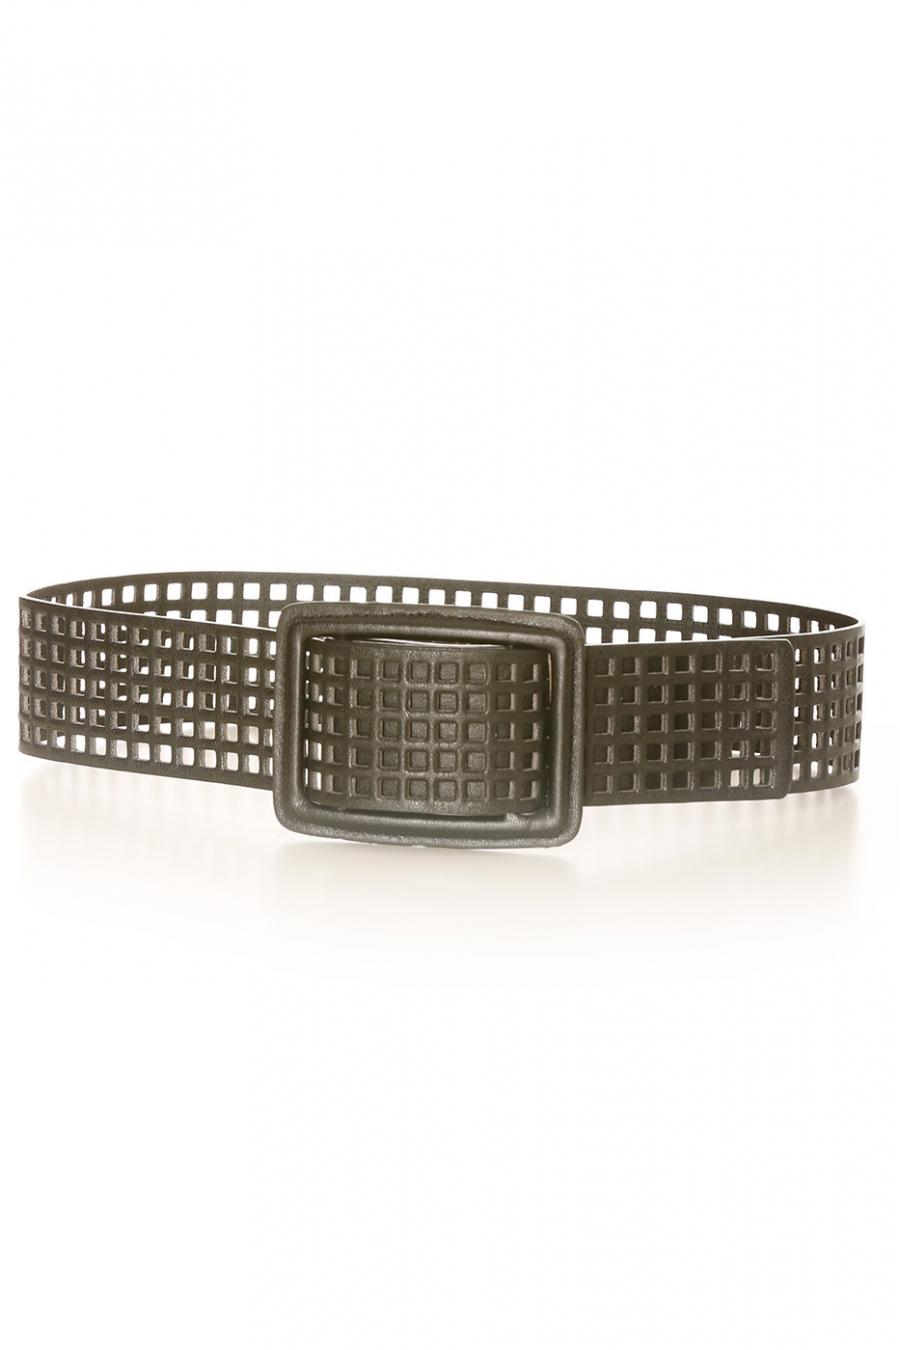 Black grid belt with holes. SG-0452